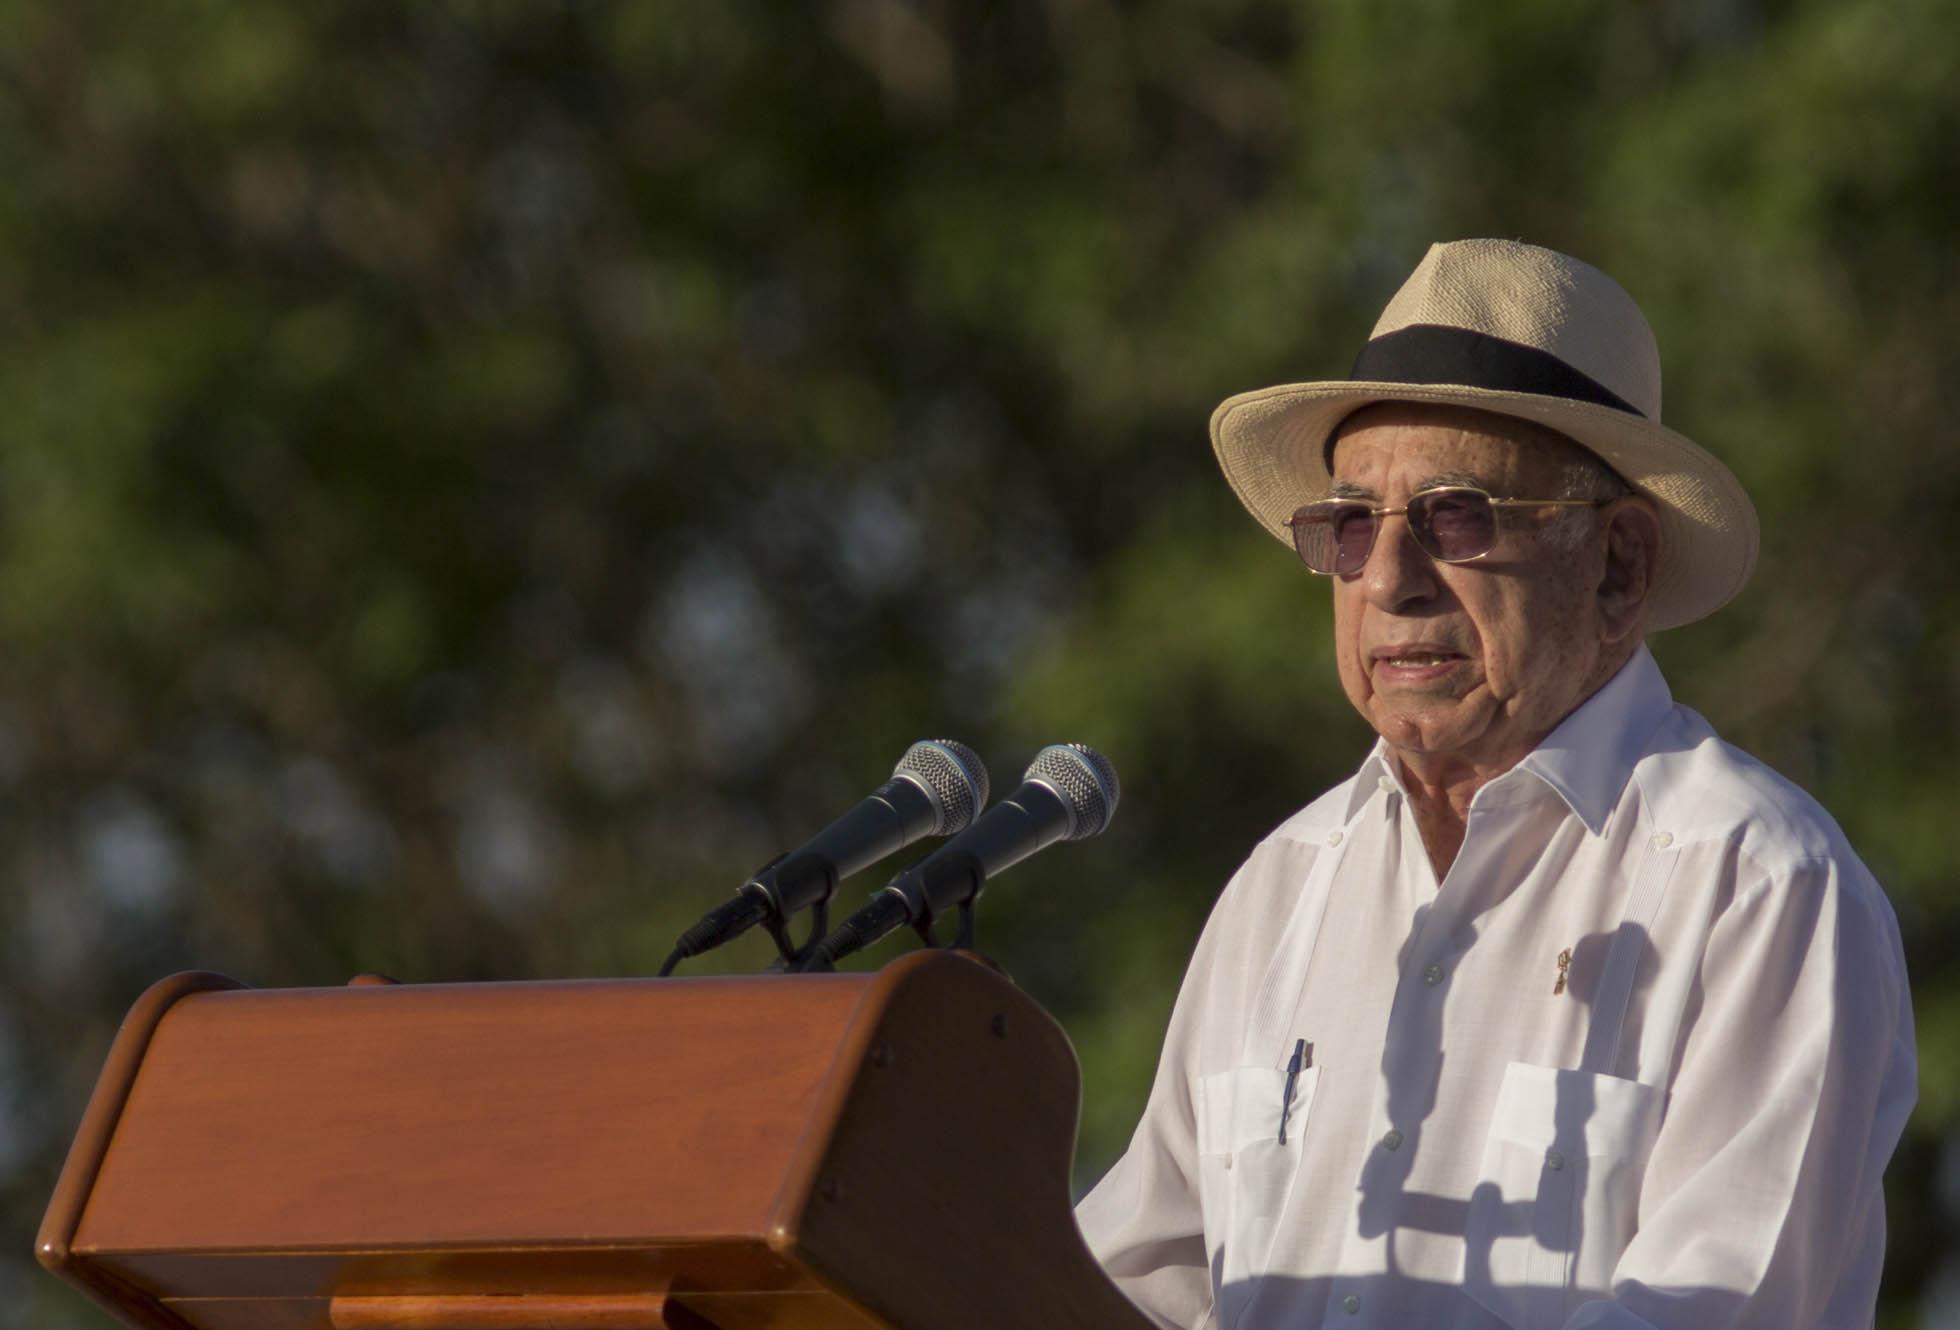 Los cambios en Cuba son para fortalecer el socialismo, Machado Ventura (discurso)